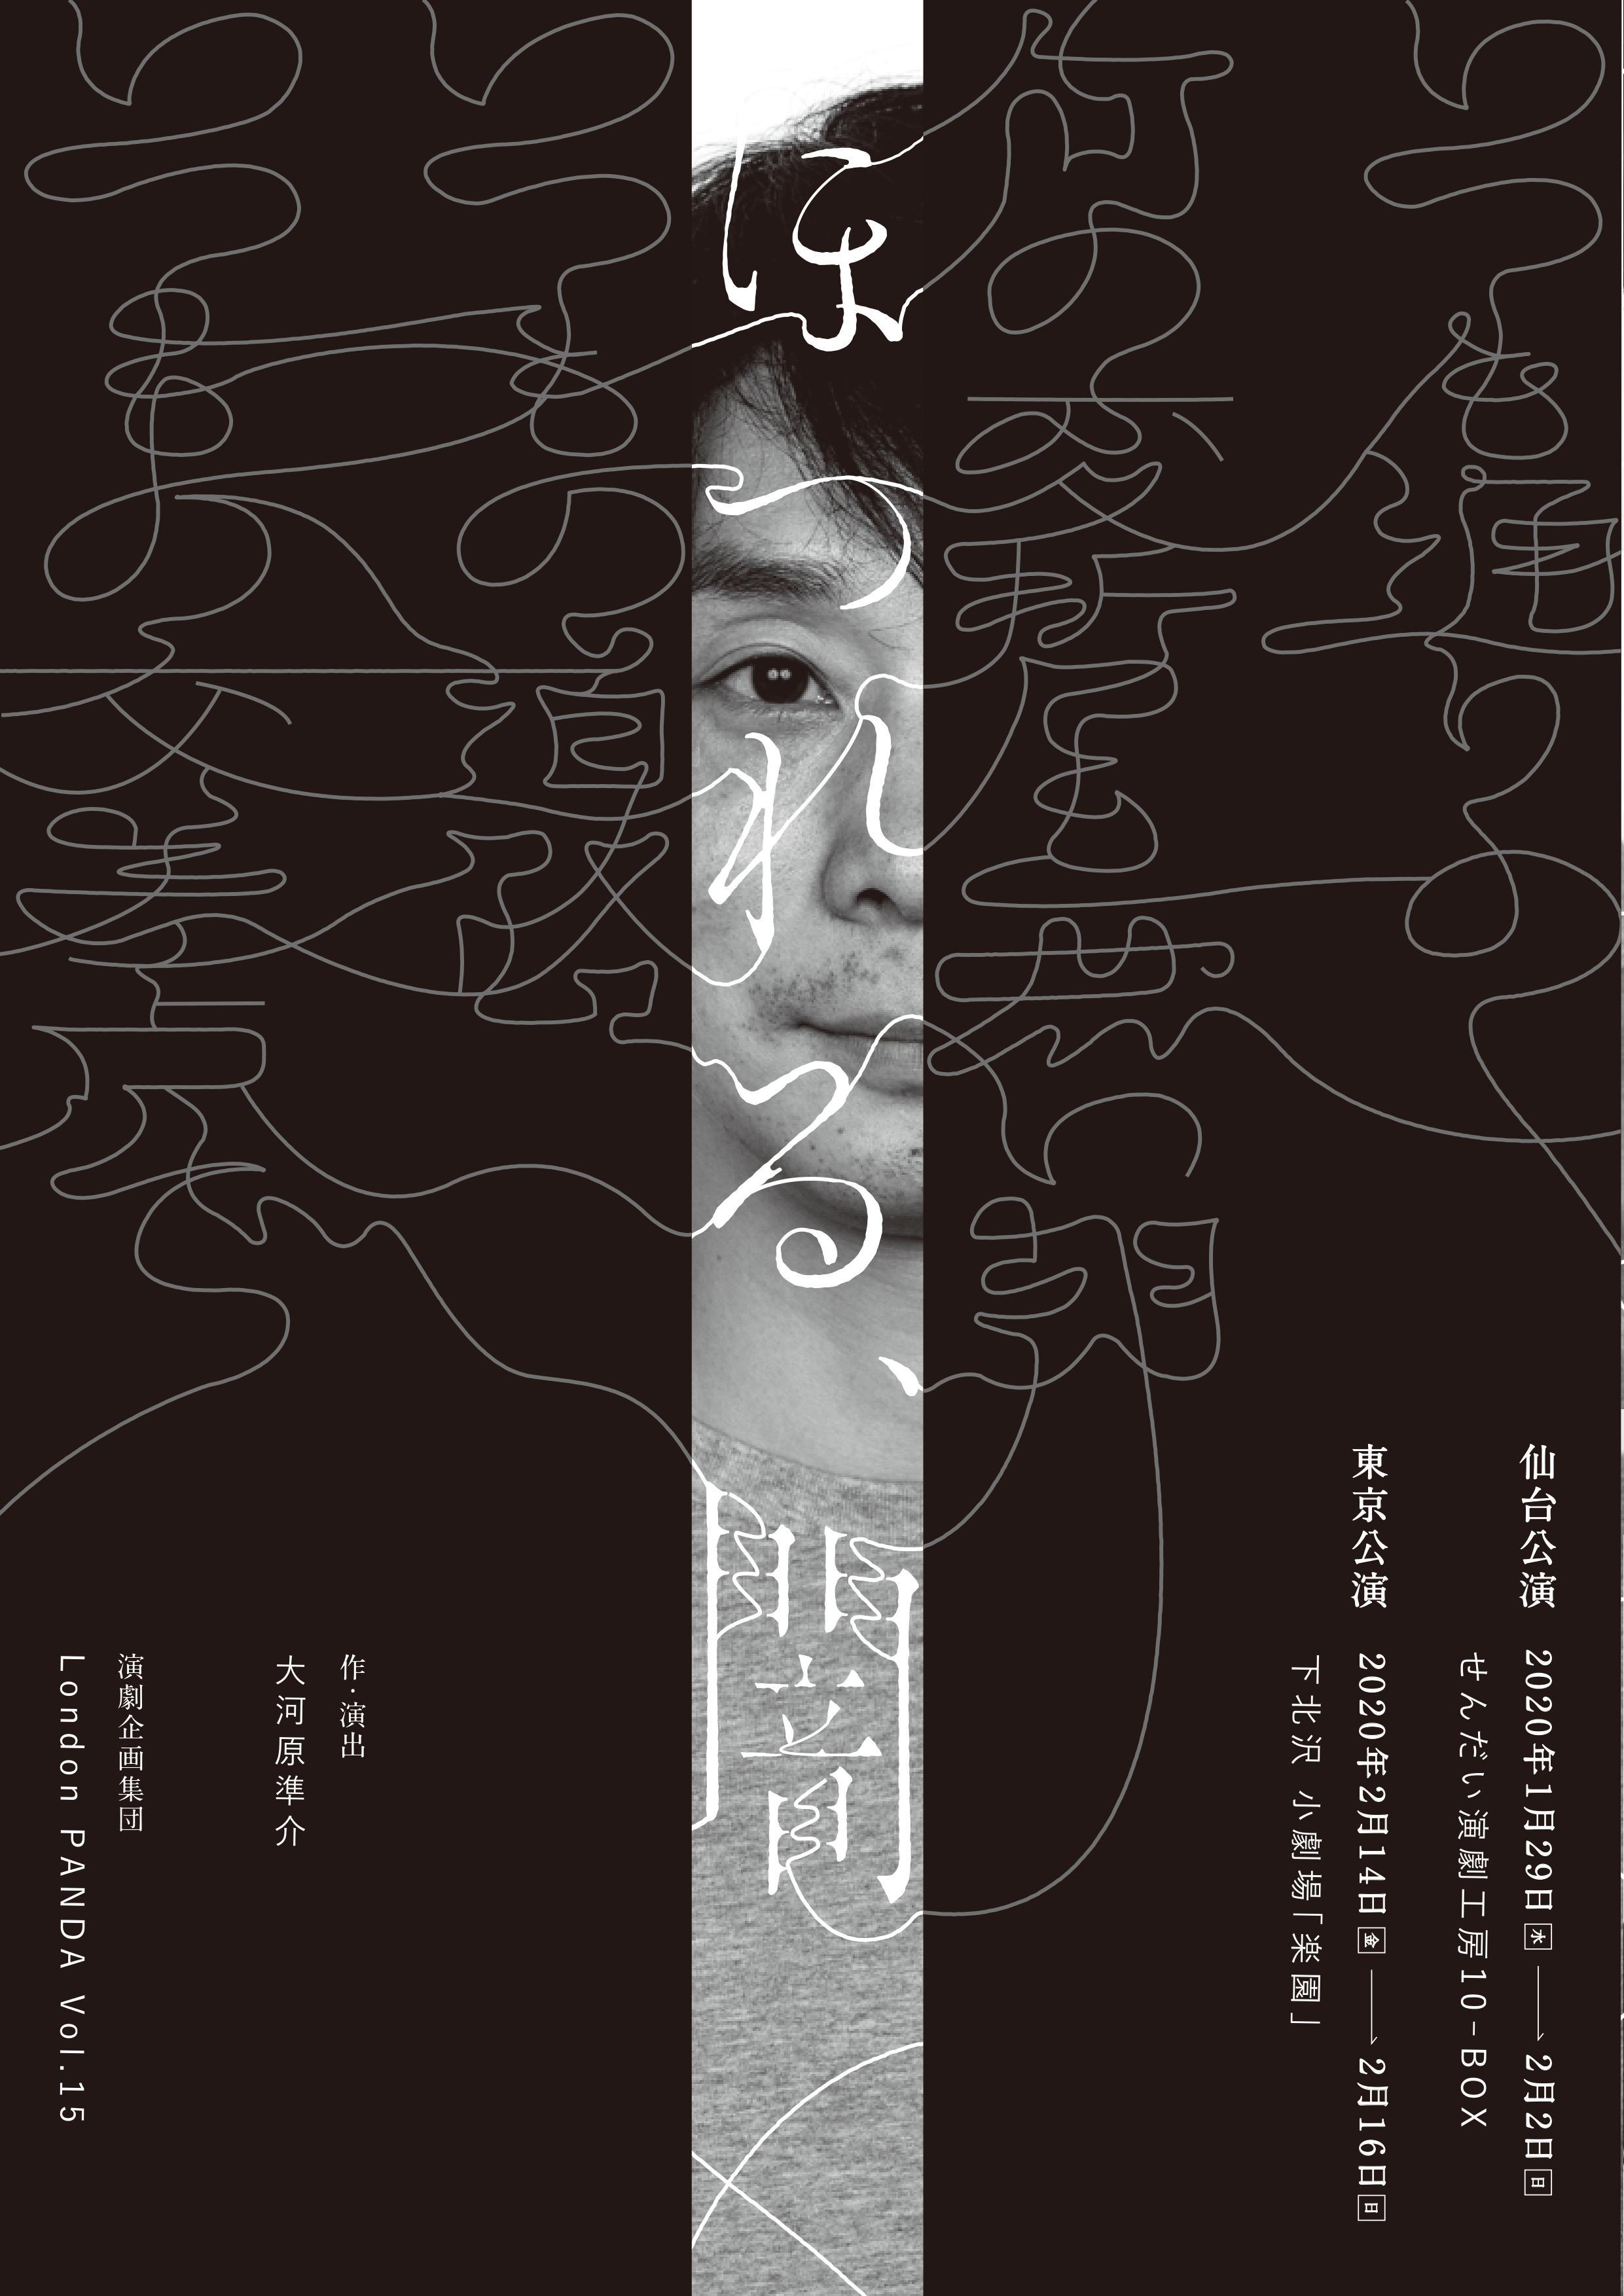 [仙台]1/29(水)19時|演劇企画集団LondonPANDA『ほつれる、闇』